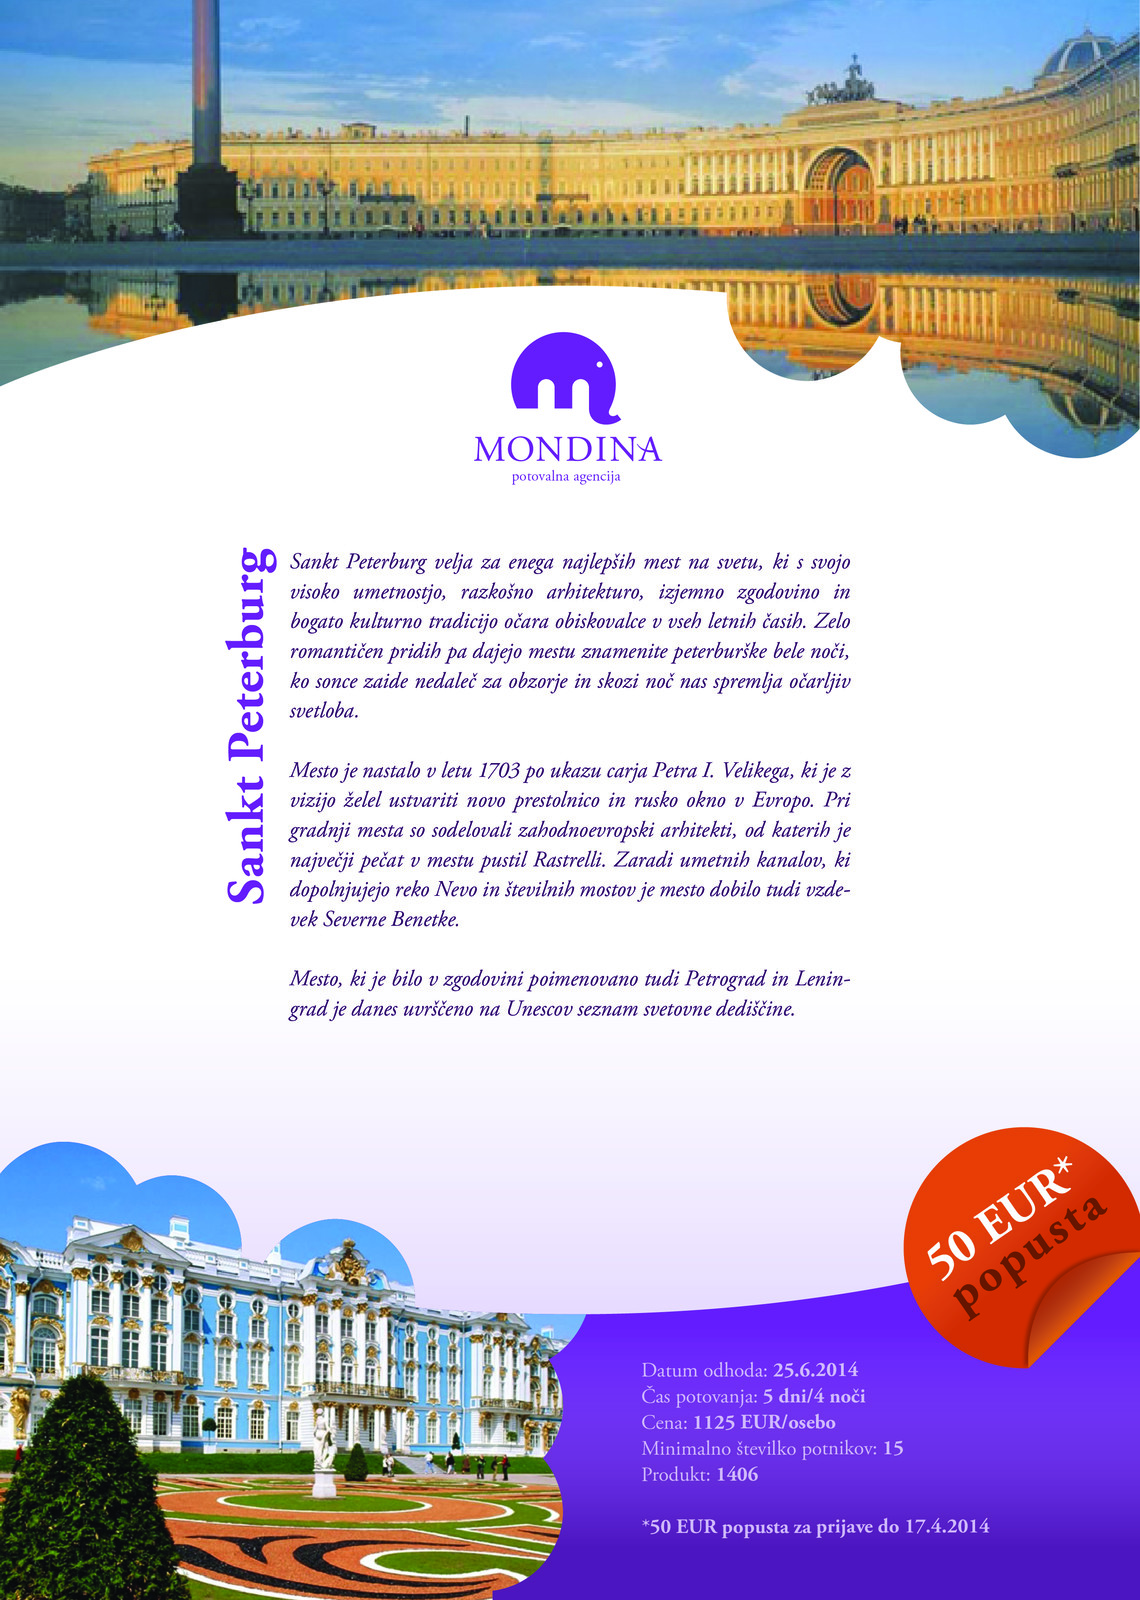 Flyer for Mondina